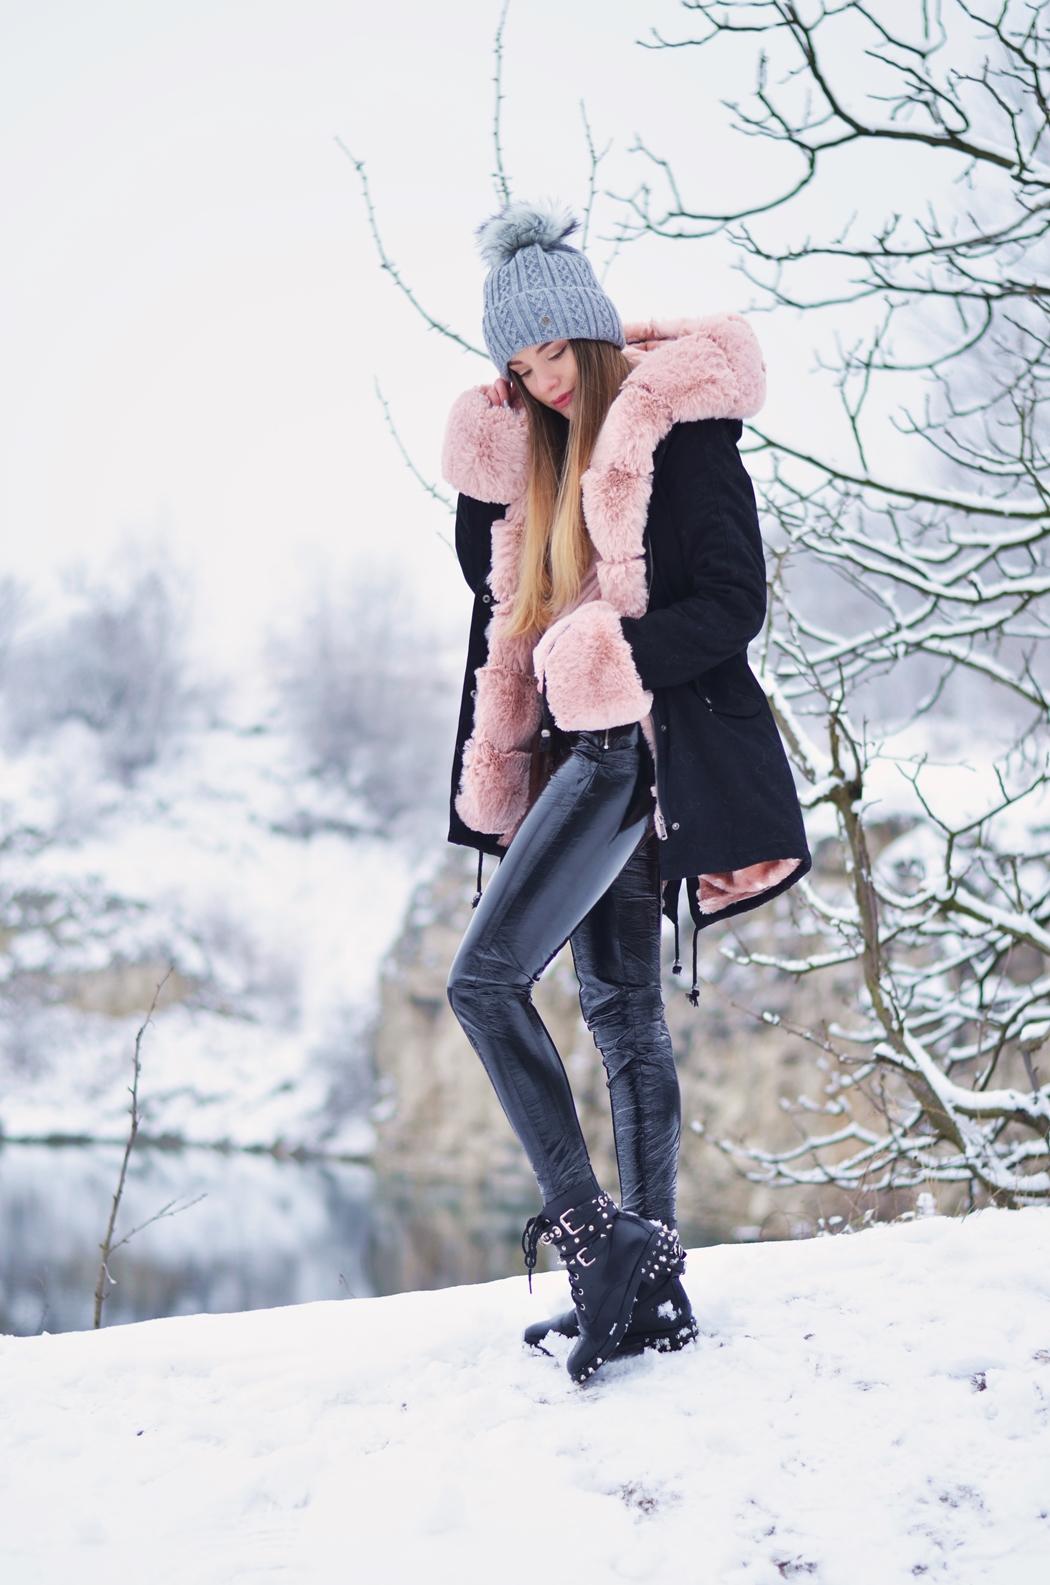 Różowy akcent w zimowe dni